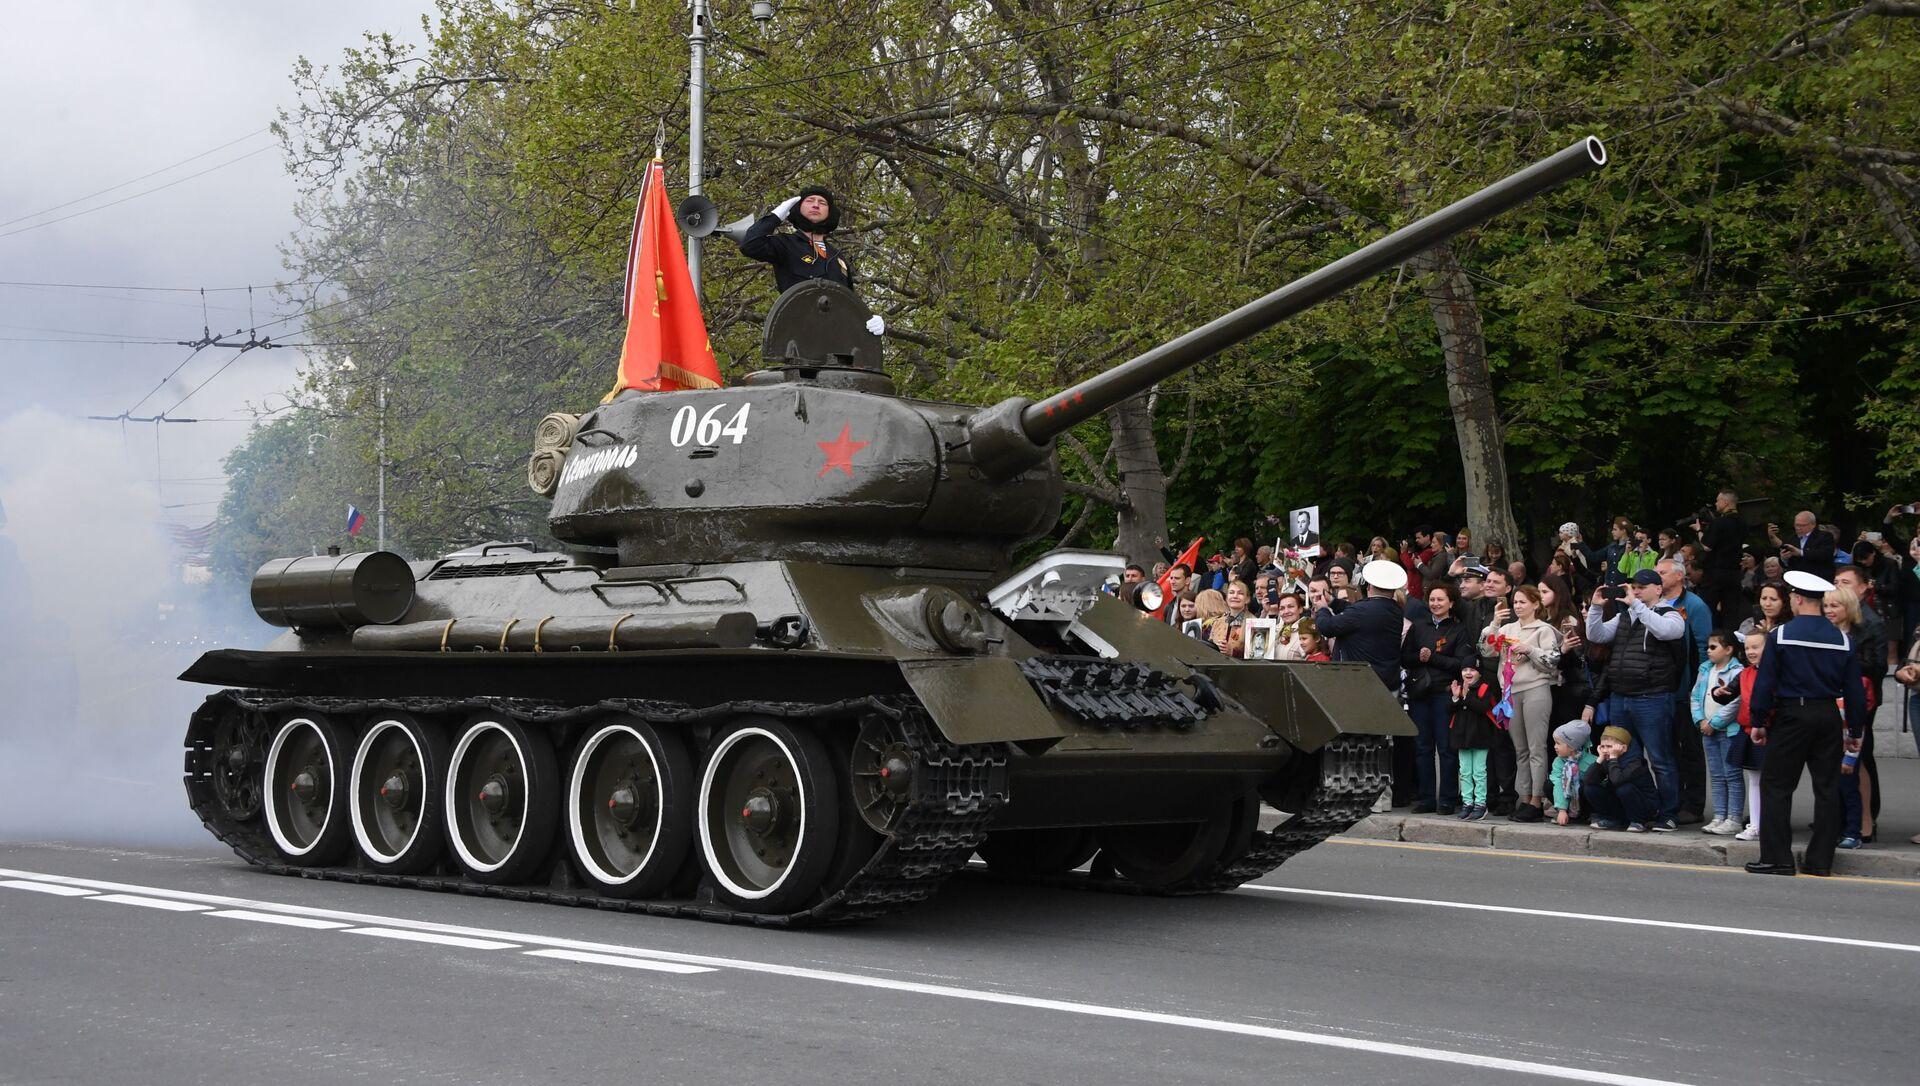 Un char T-34  - Sputnik France, 1920, 12.09.2021